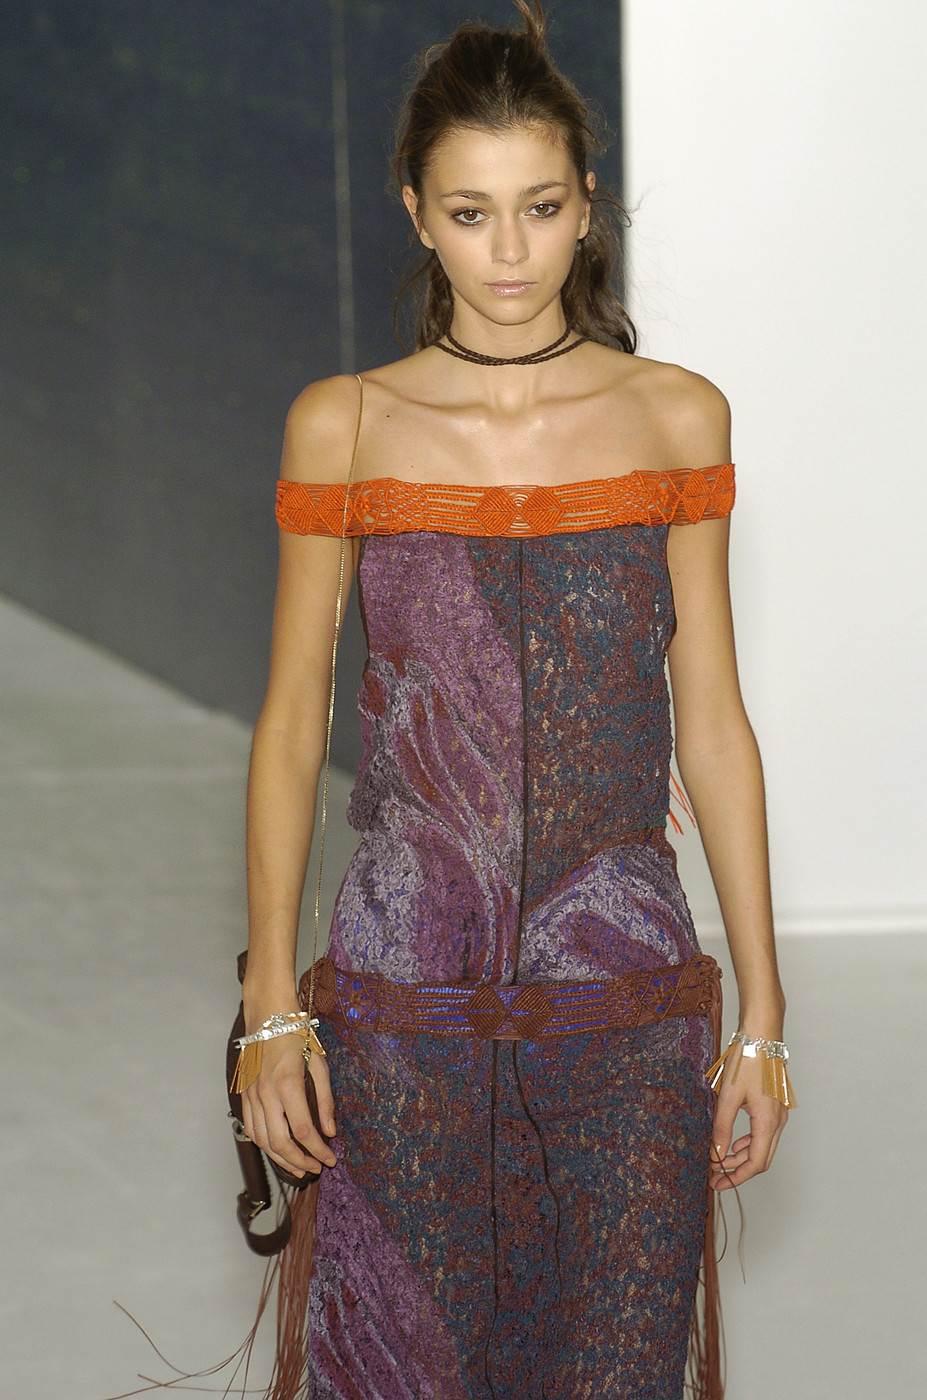 【外人】30歳過ぎてるロリ顔のフランス人モデルのモルガン・デュブレ(Morgane Dubled)のポルノ画像 10145